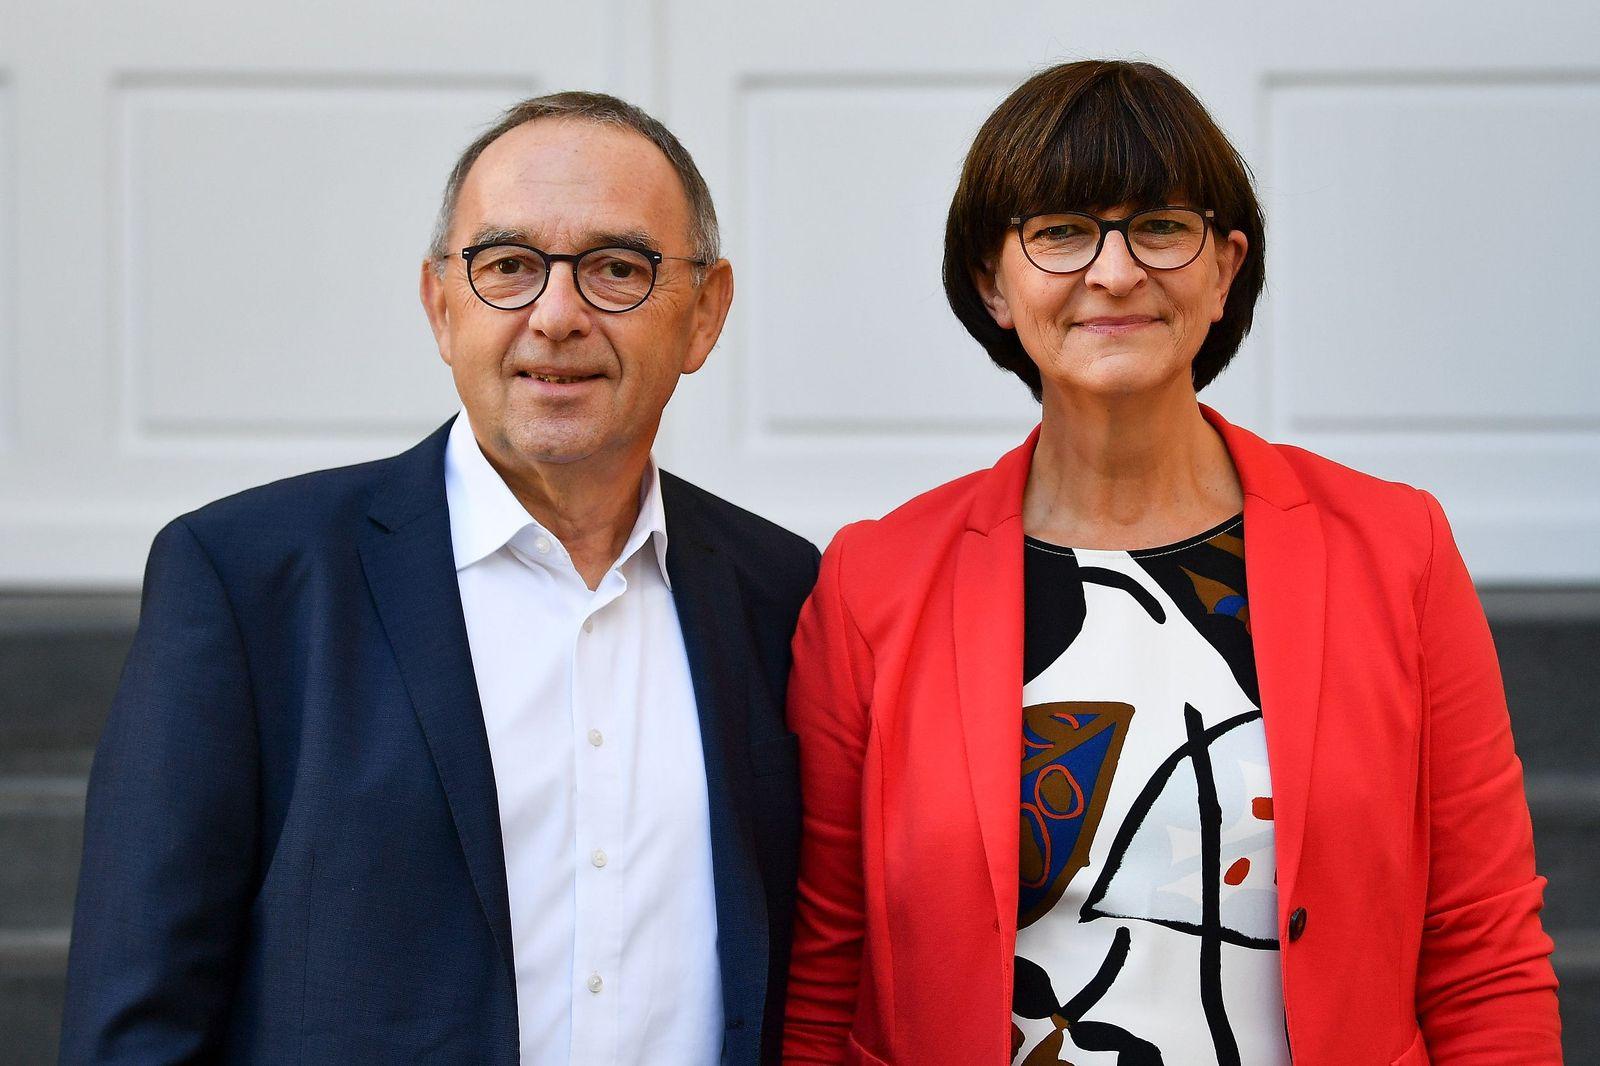 SPD/ Saskia Esken/ Norbert Walter Borjans